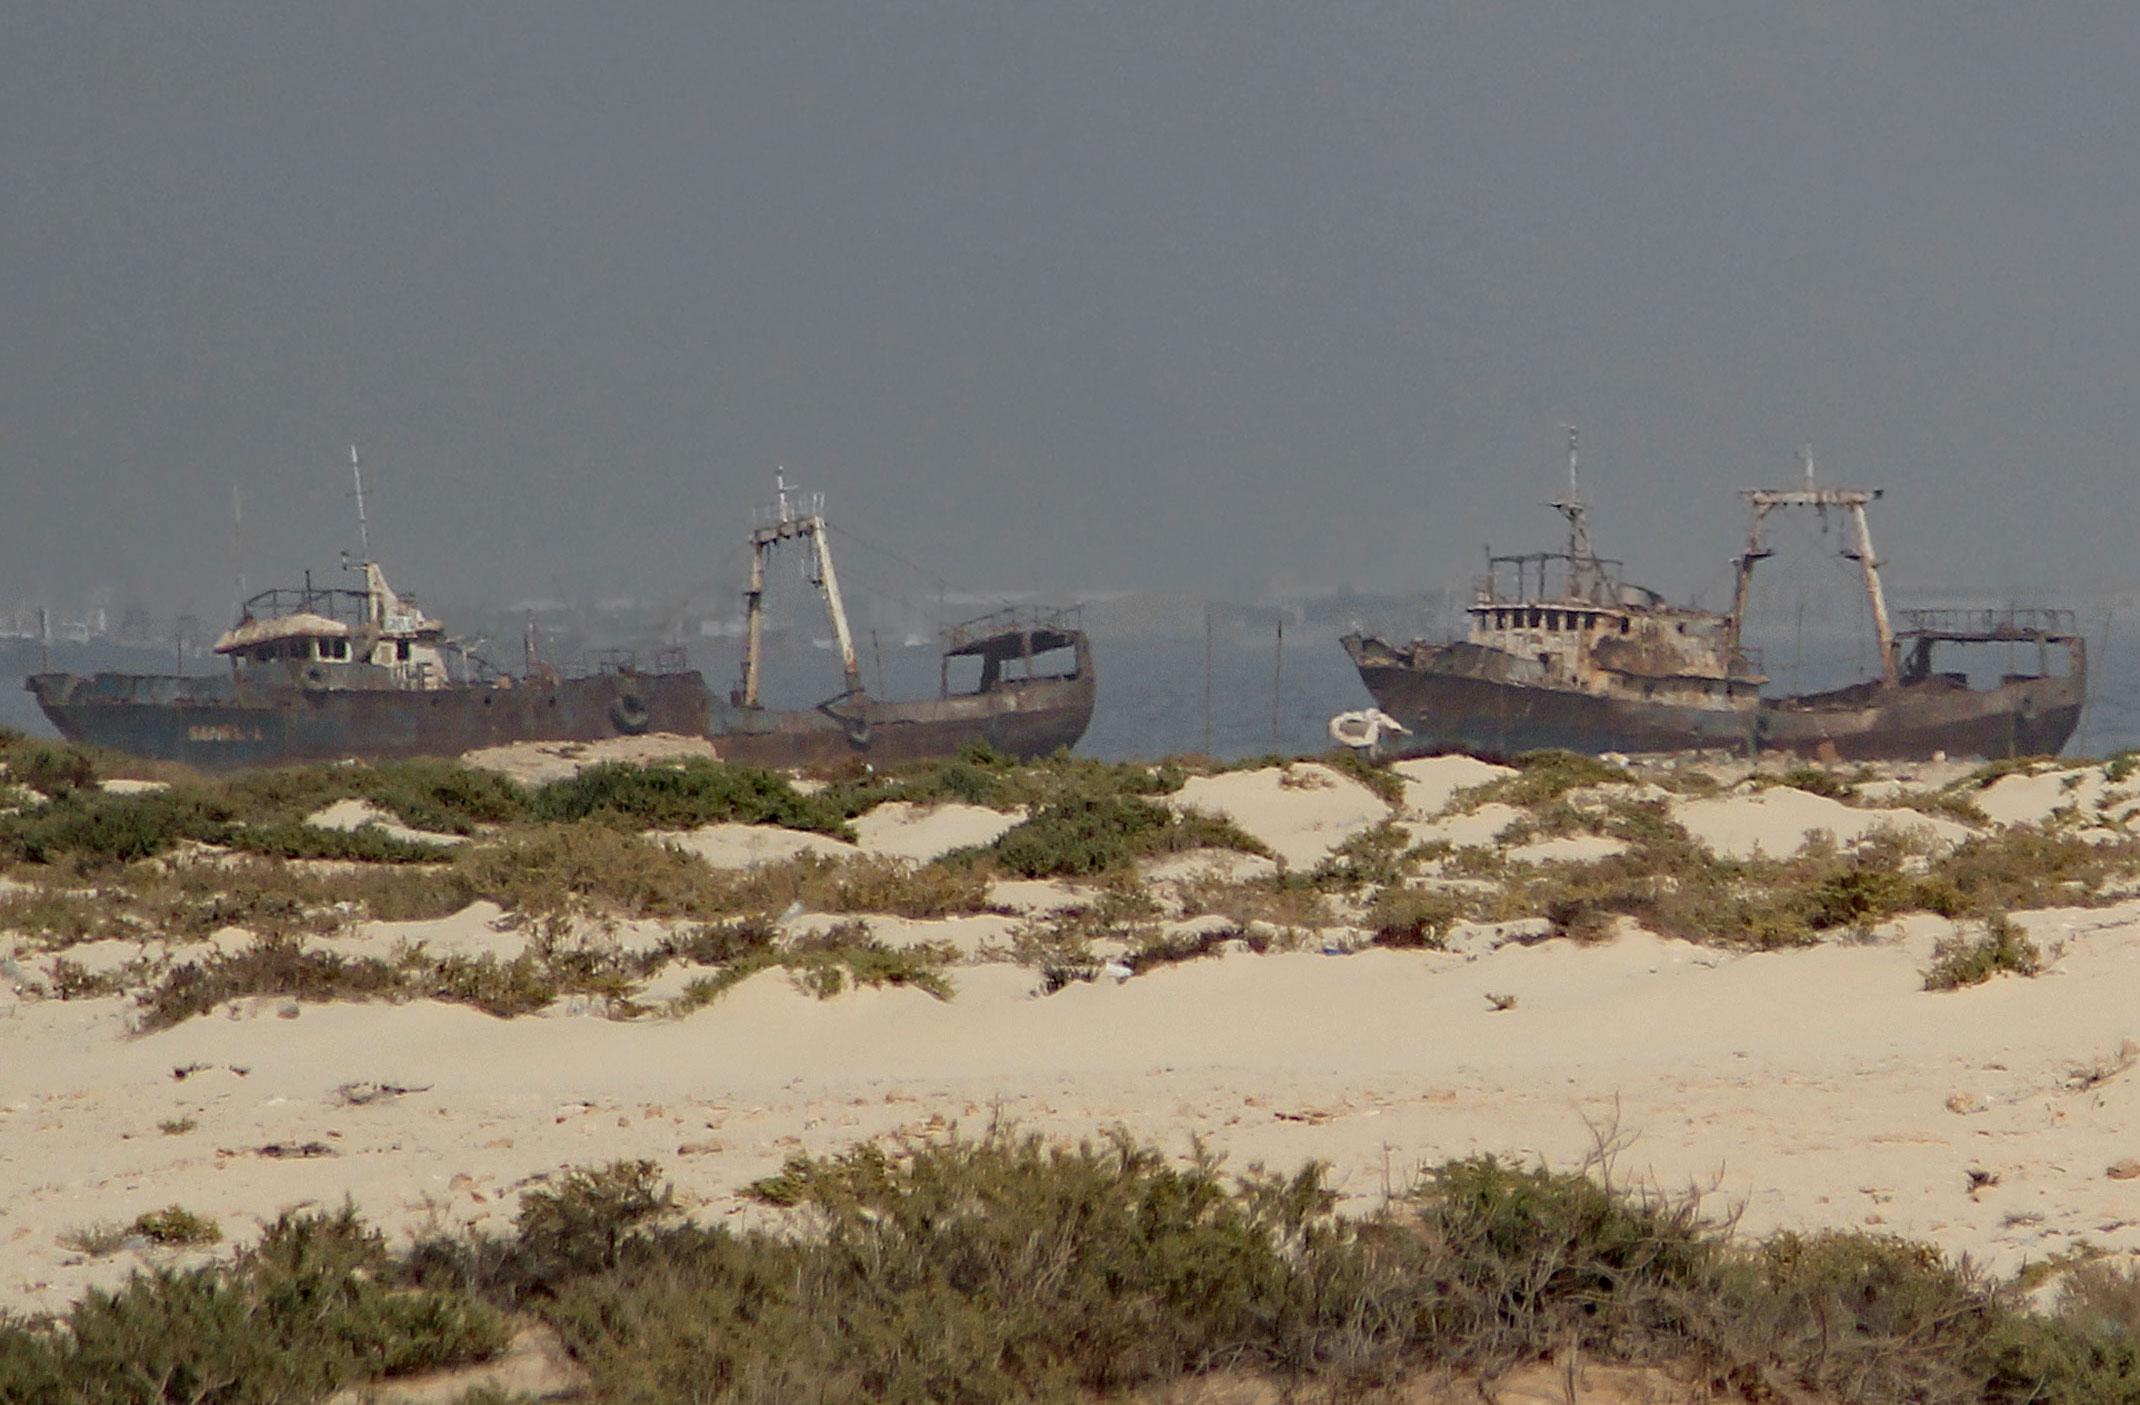 Mauretania.Cmentarzysko statków